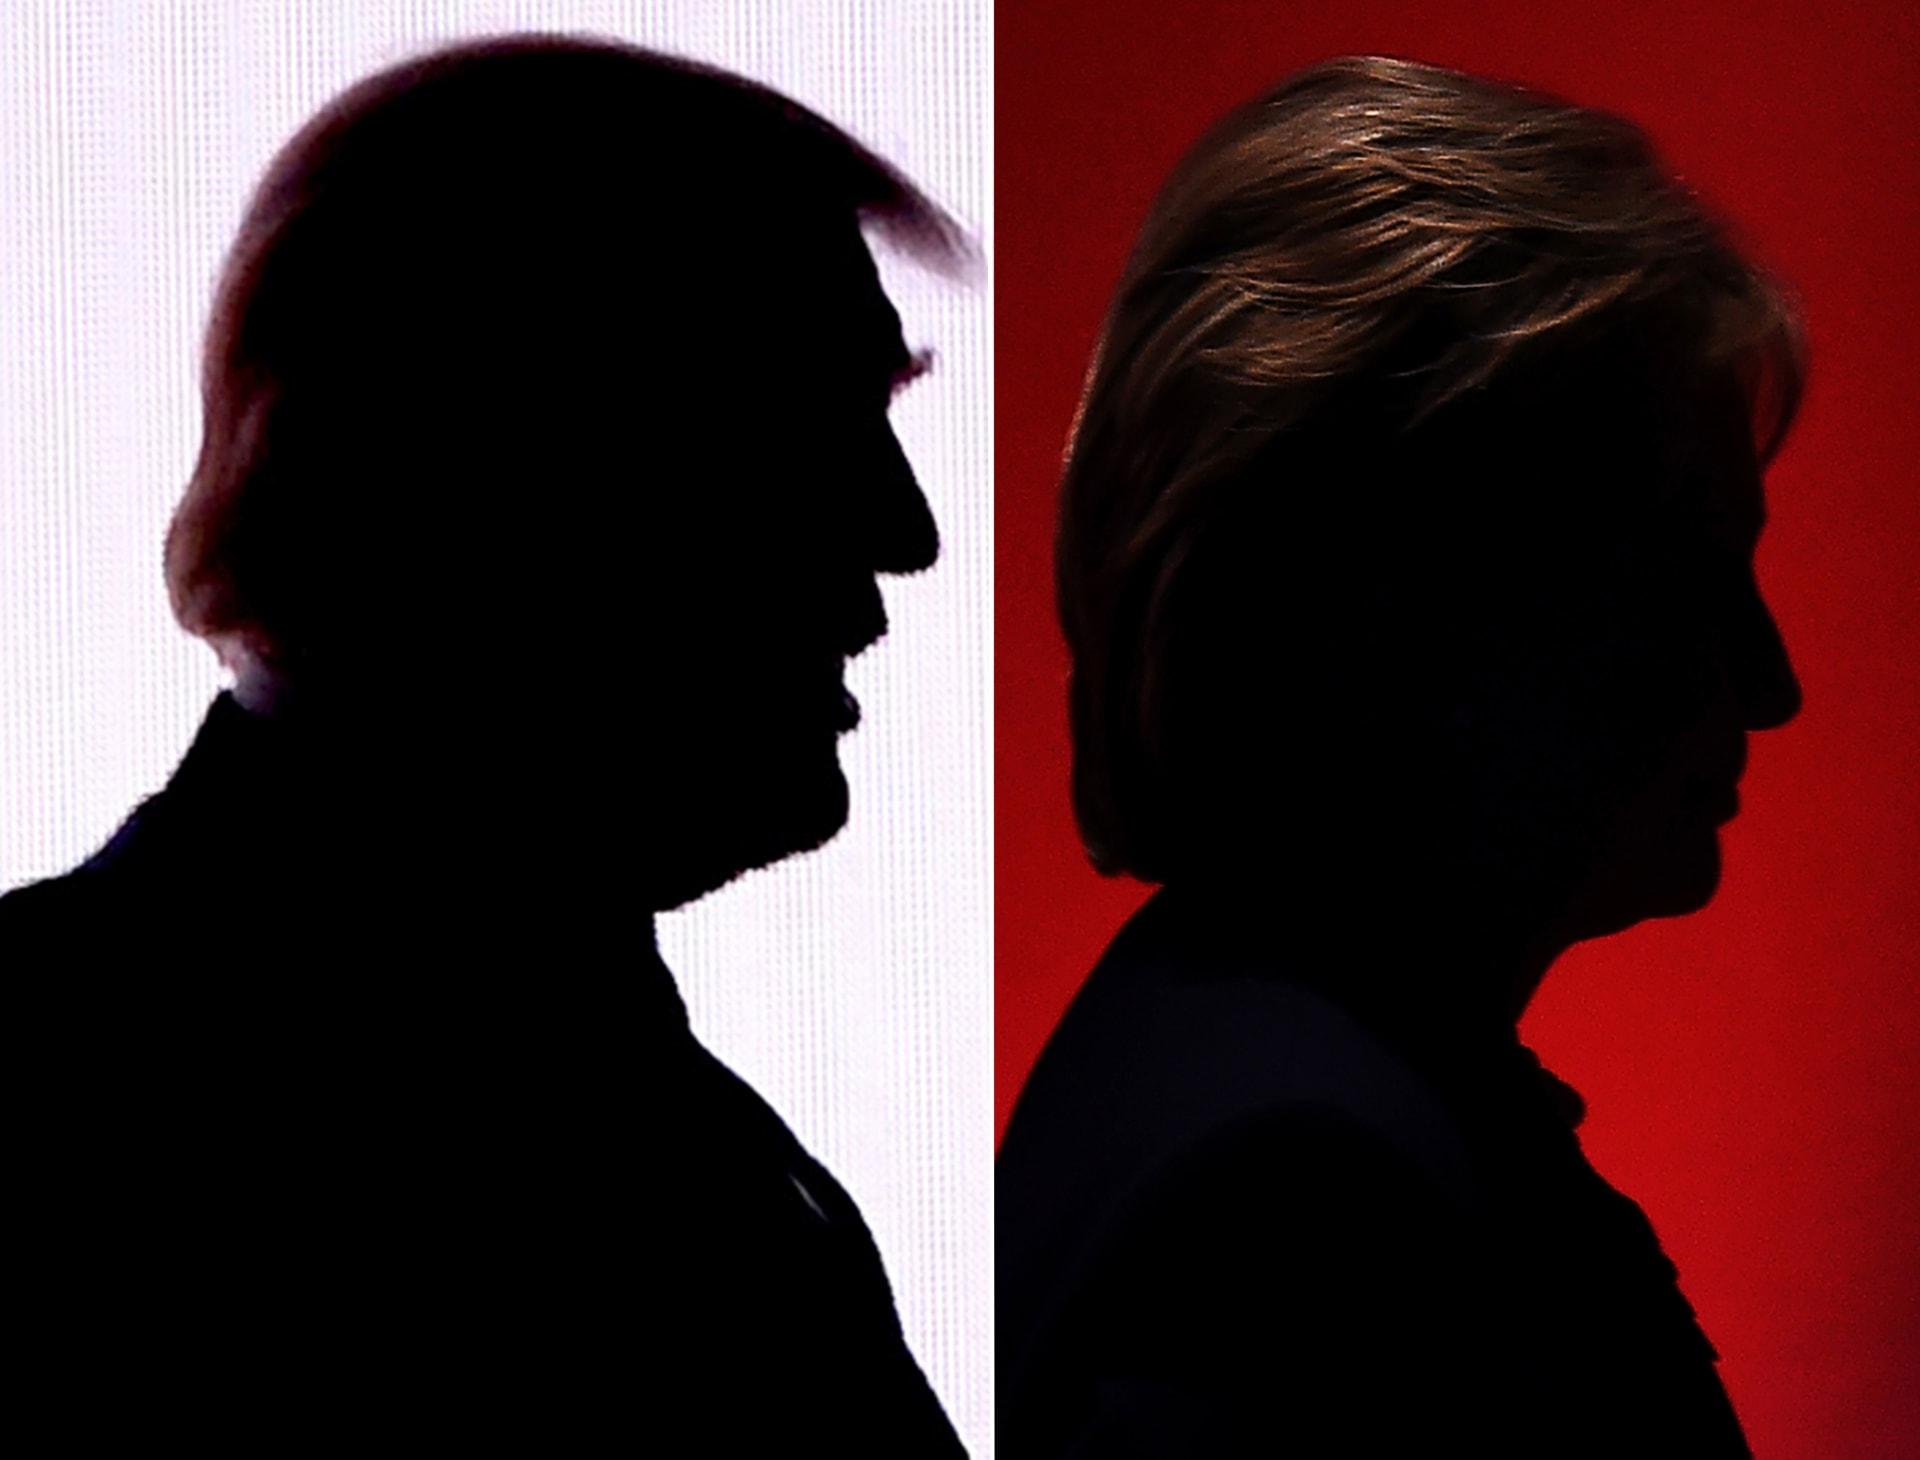 عشية الانتخابات.. استفتاء CNN: كلينتون تتقدم على ترامب بنسبة 3%